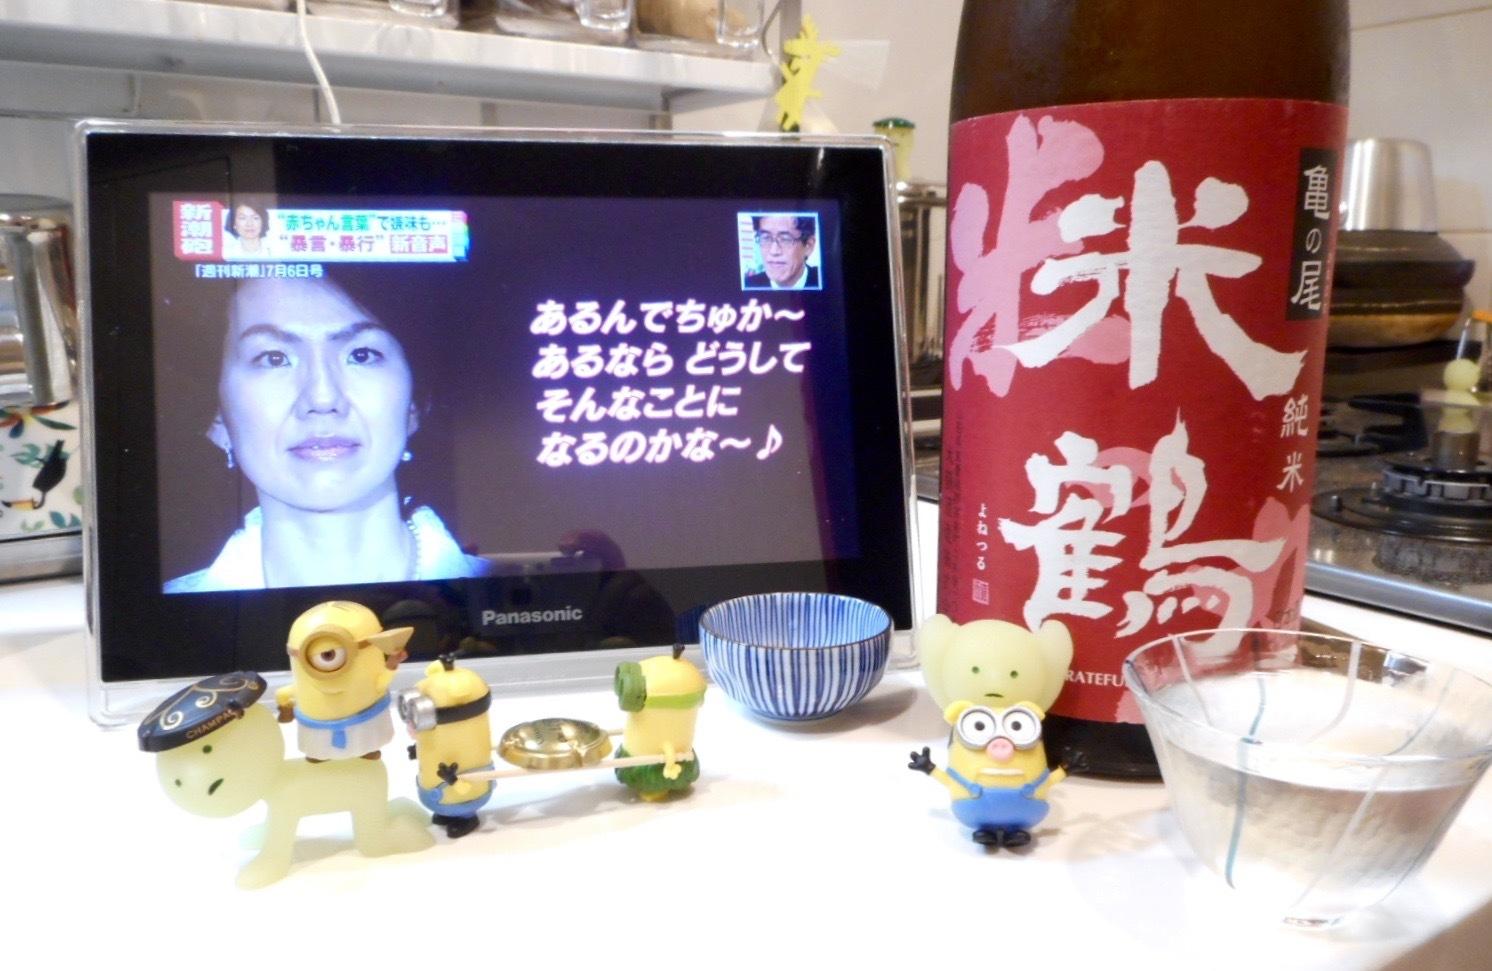 yonetsuru_kamenoo65nama_28by4.jpg